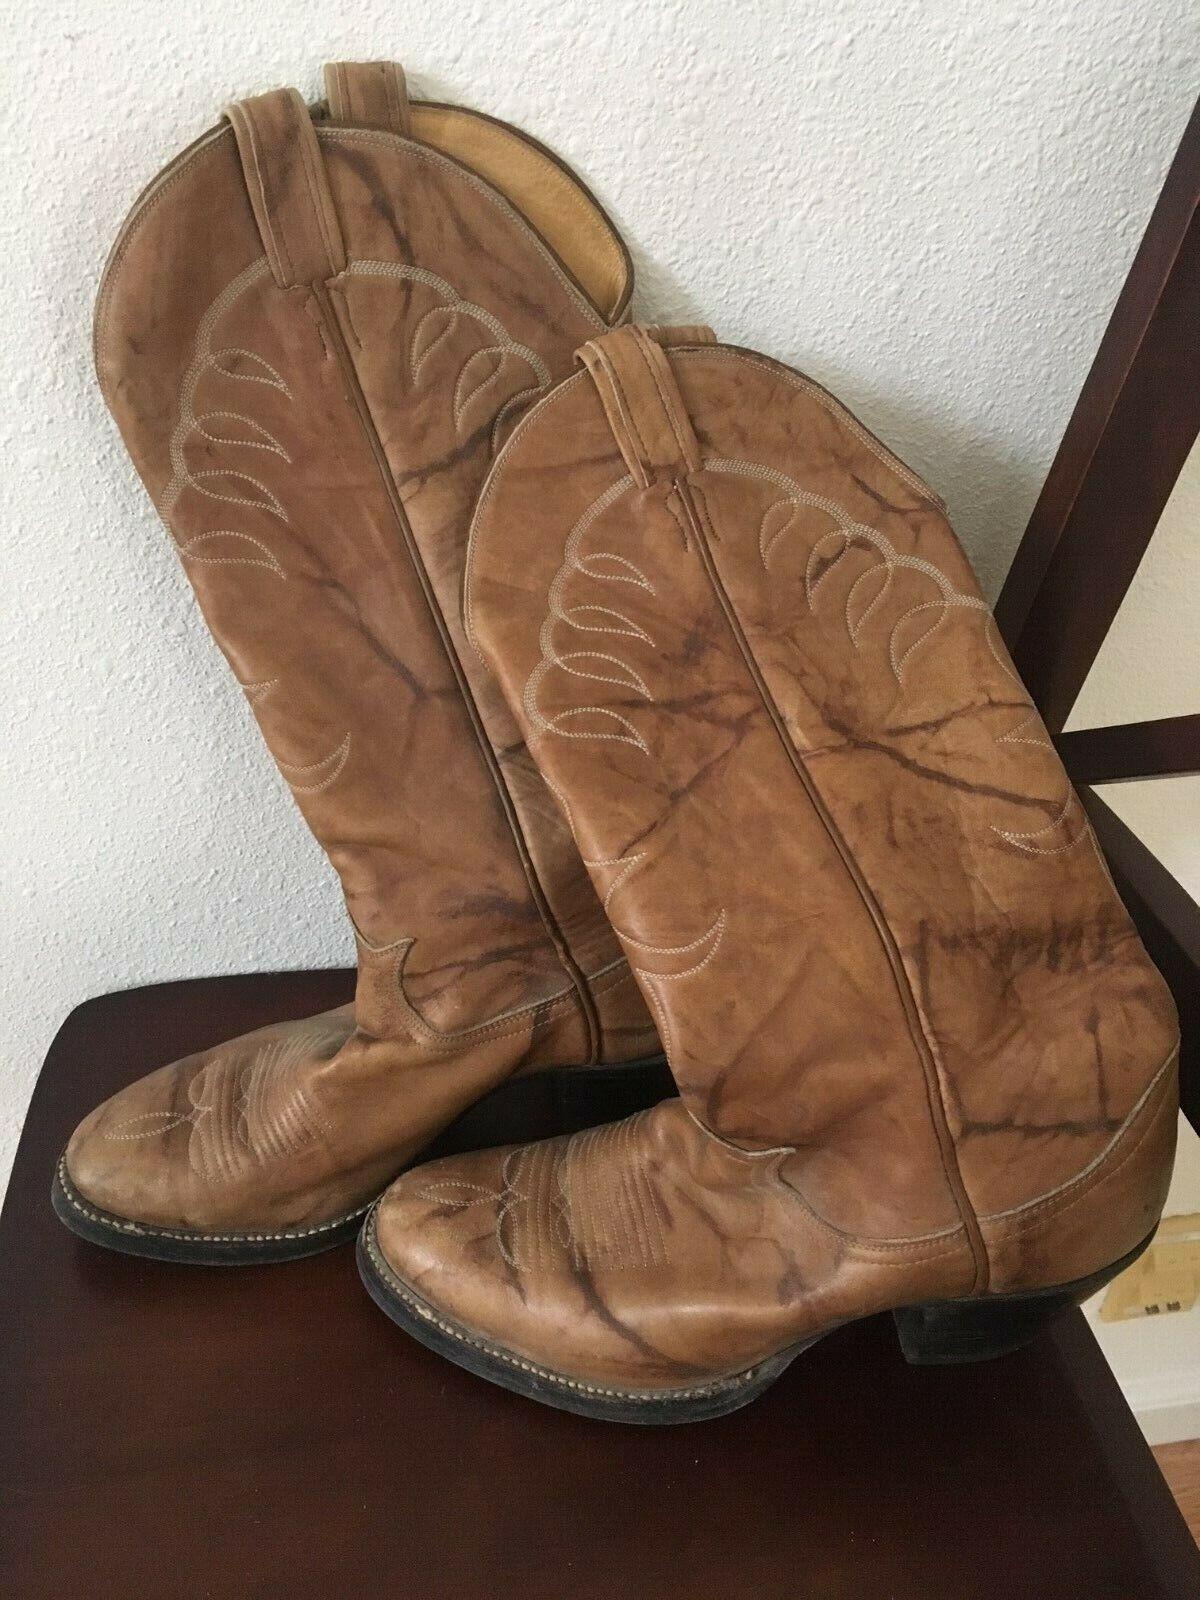 Tony Lama mens cowboy boots